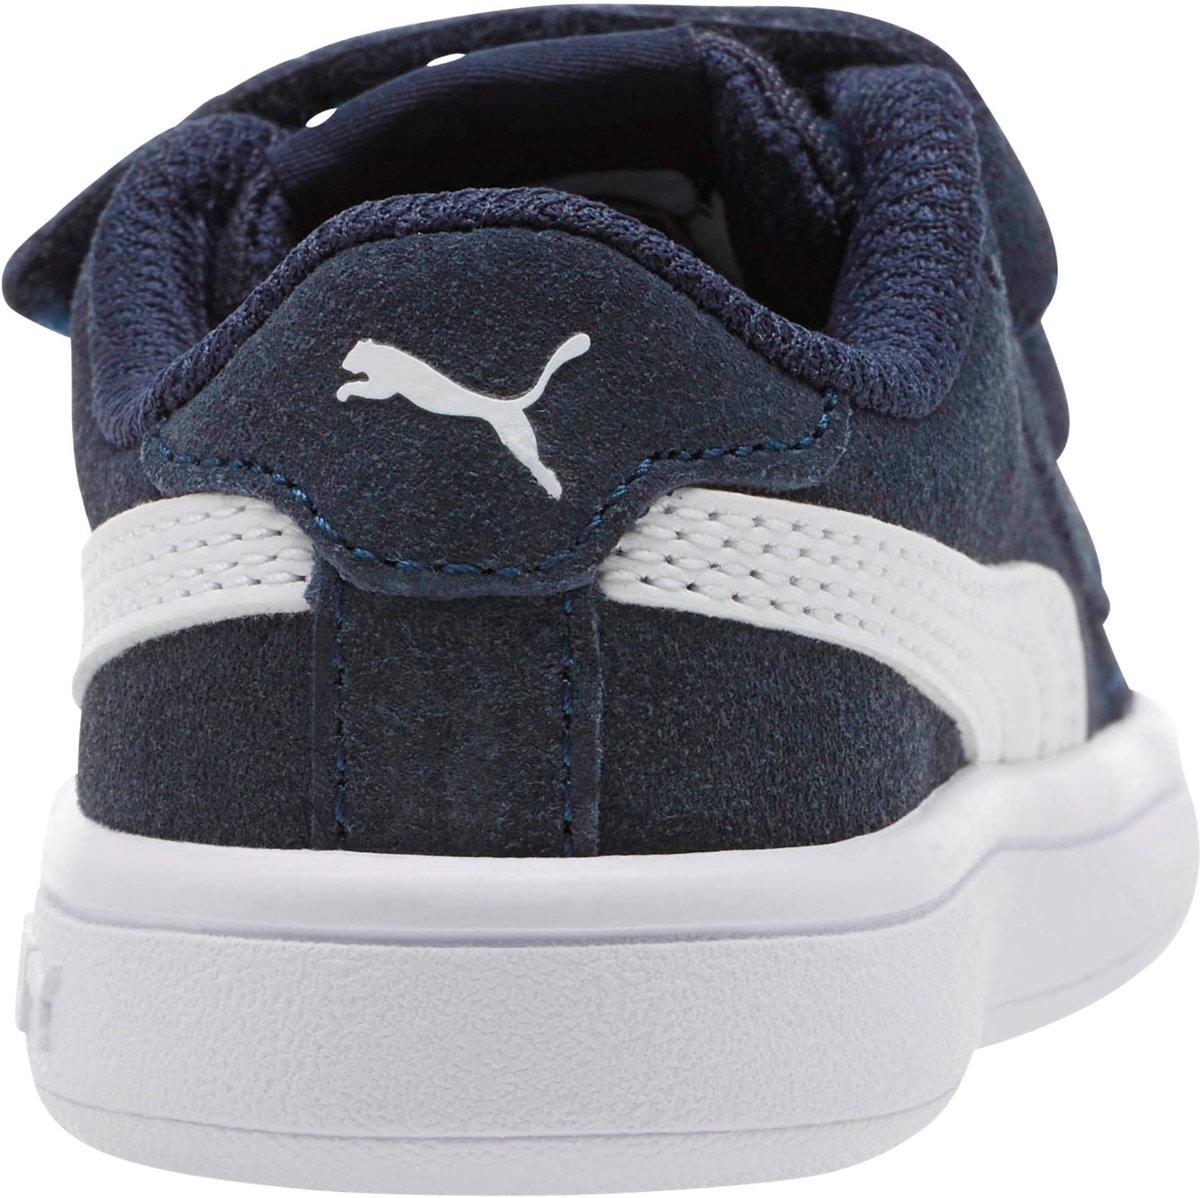 5c6eeec1489 bol.com | PUMA Smash V2 Sd V Inf Sneakers Kinderen Peacoat / Puma White -  Maat 25